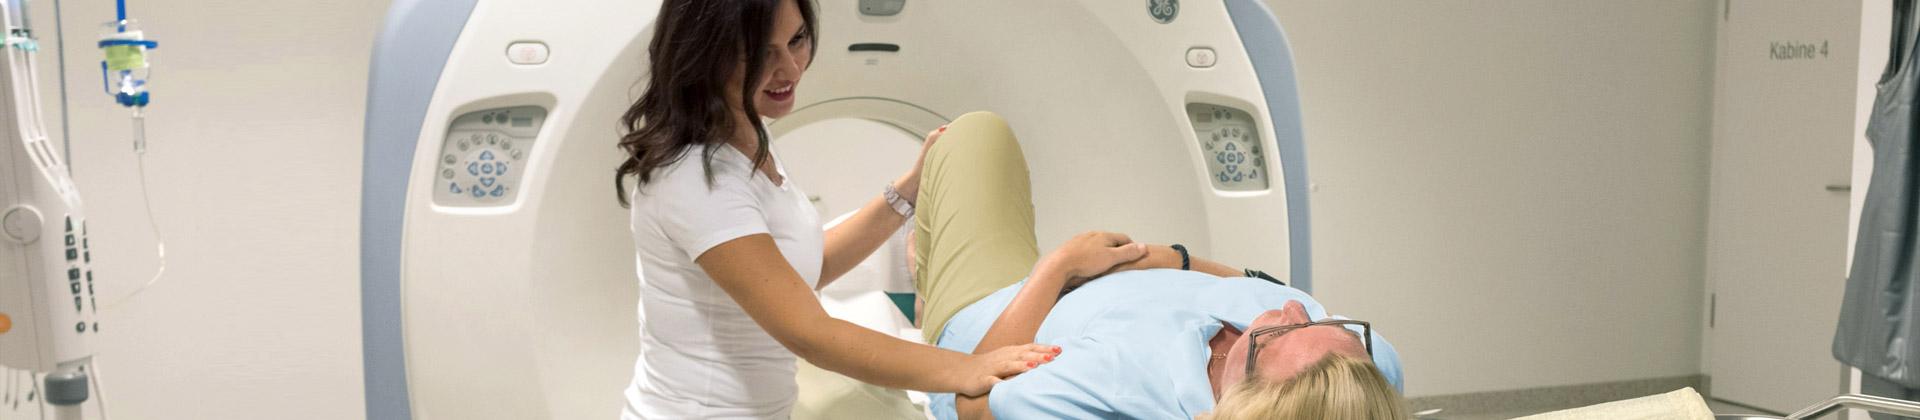 Mehrschicht-CT oder Multislice-CT